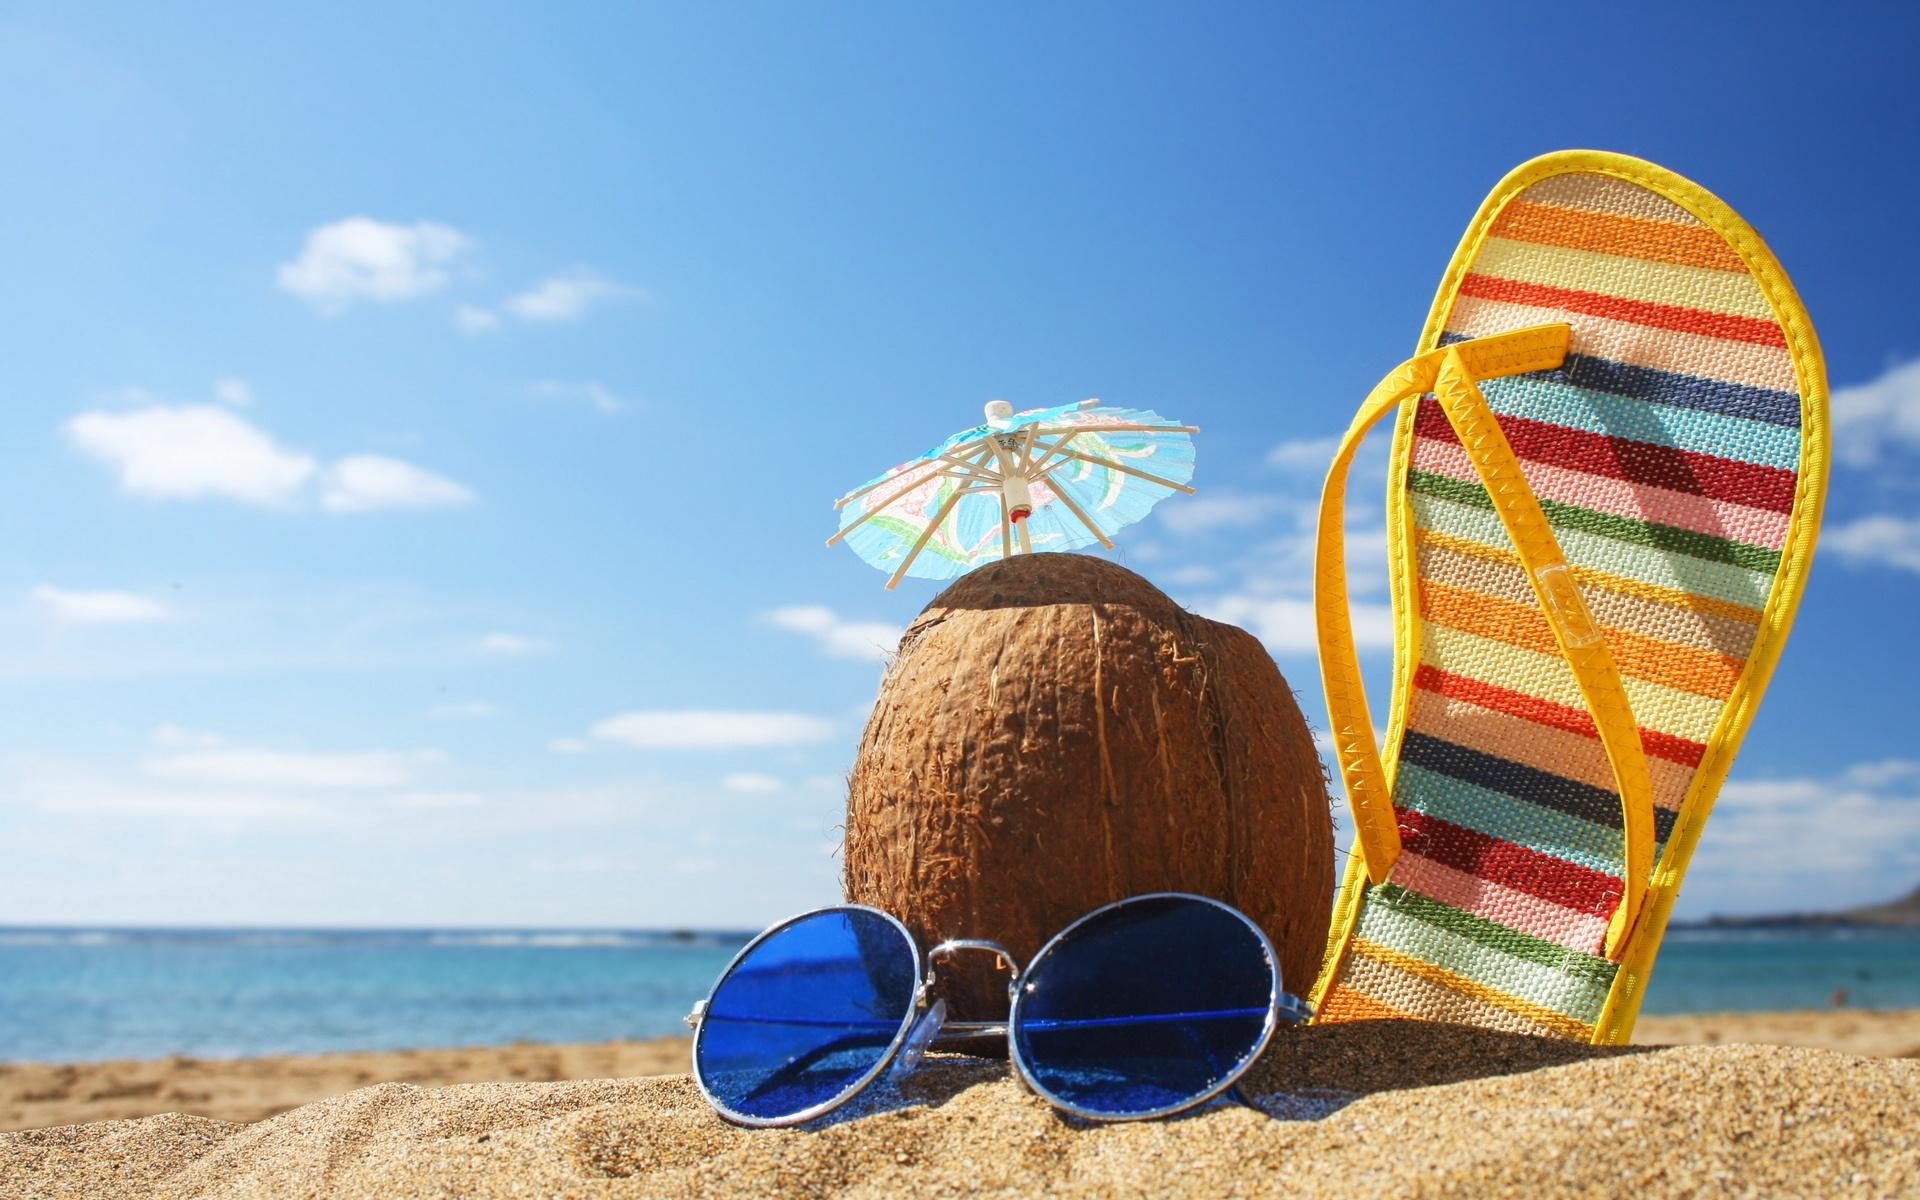 ¿Vacaciones? No te pierdas estos tips de viaje